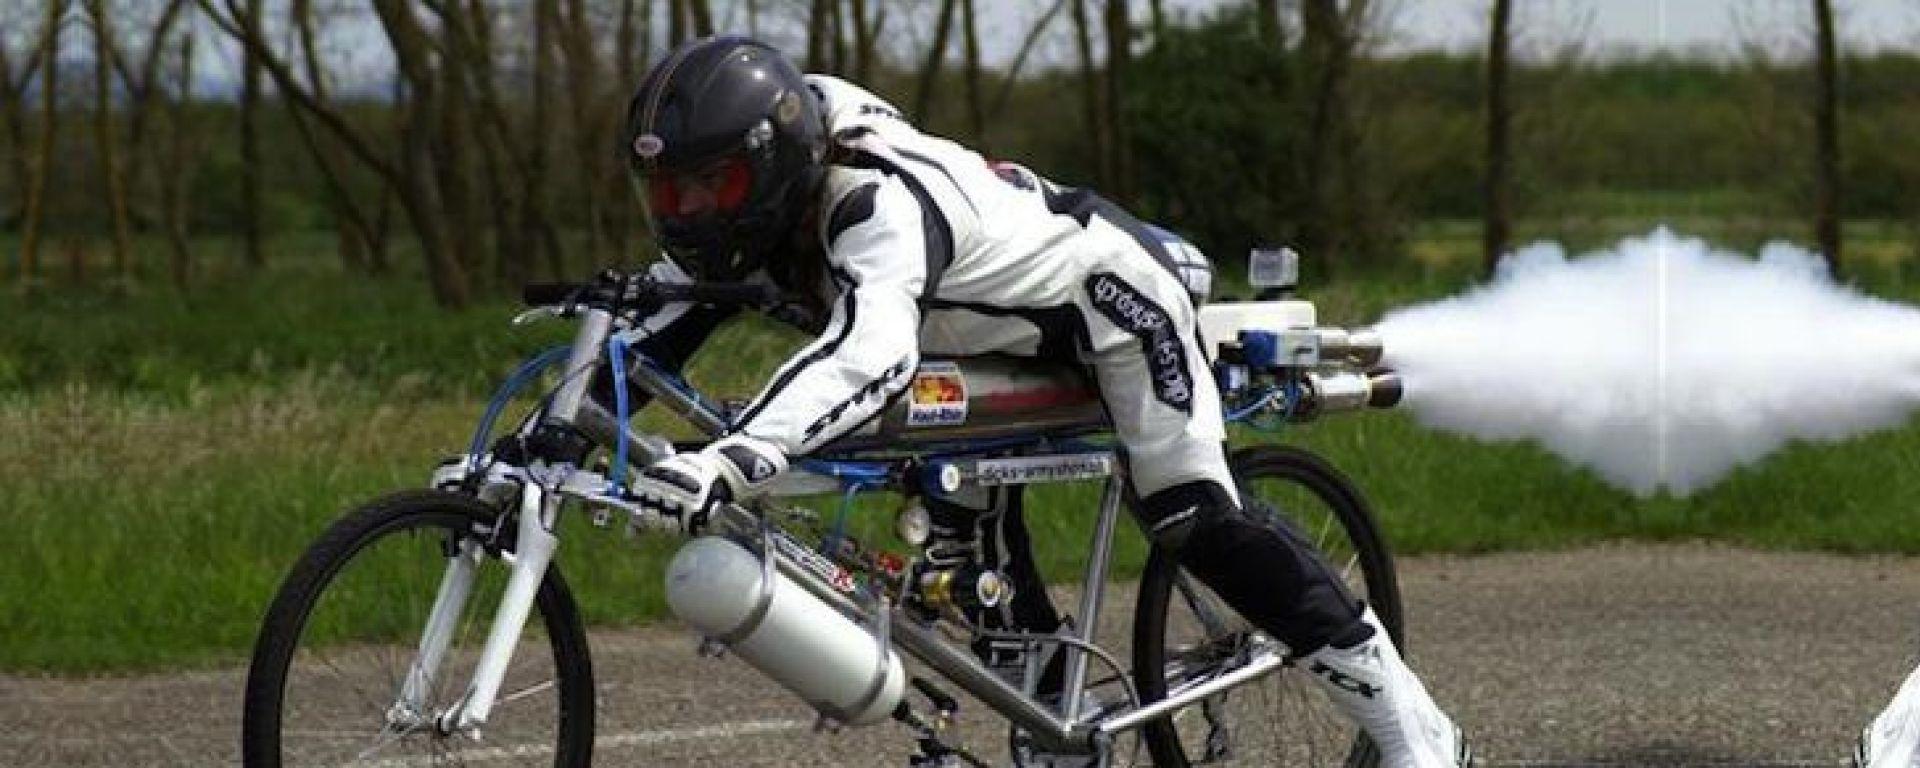 In bici a 263 km/h